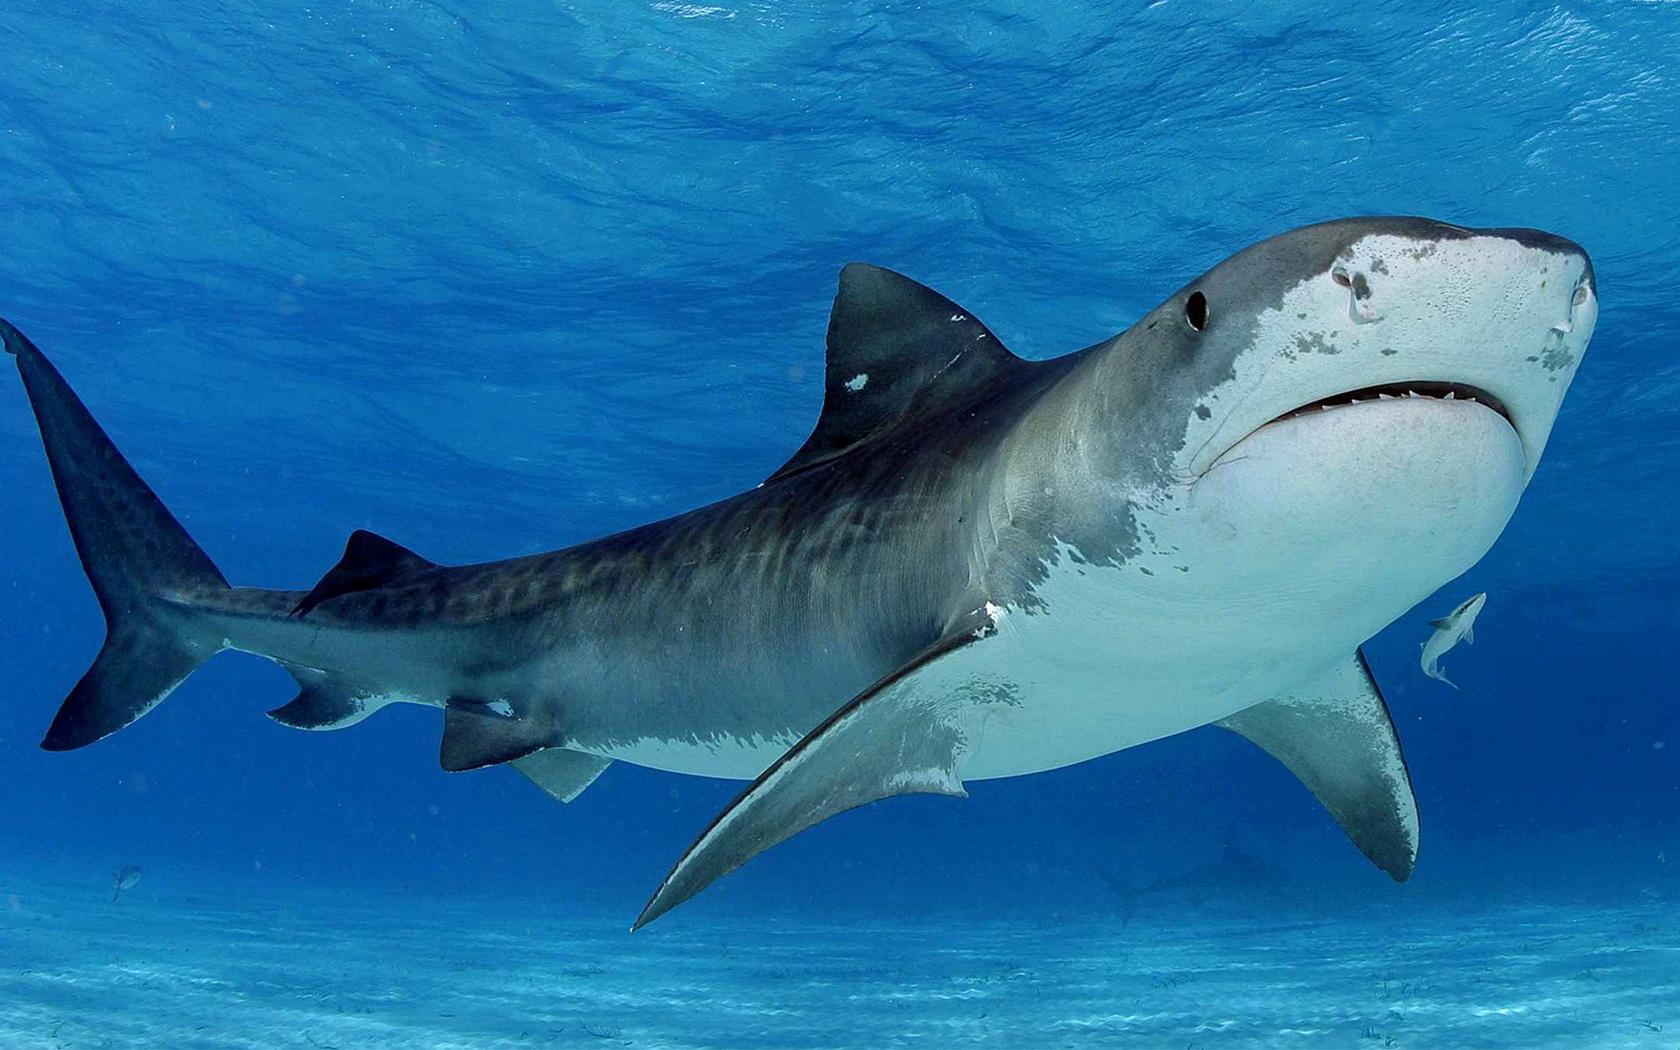 Картинка с акулой